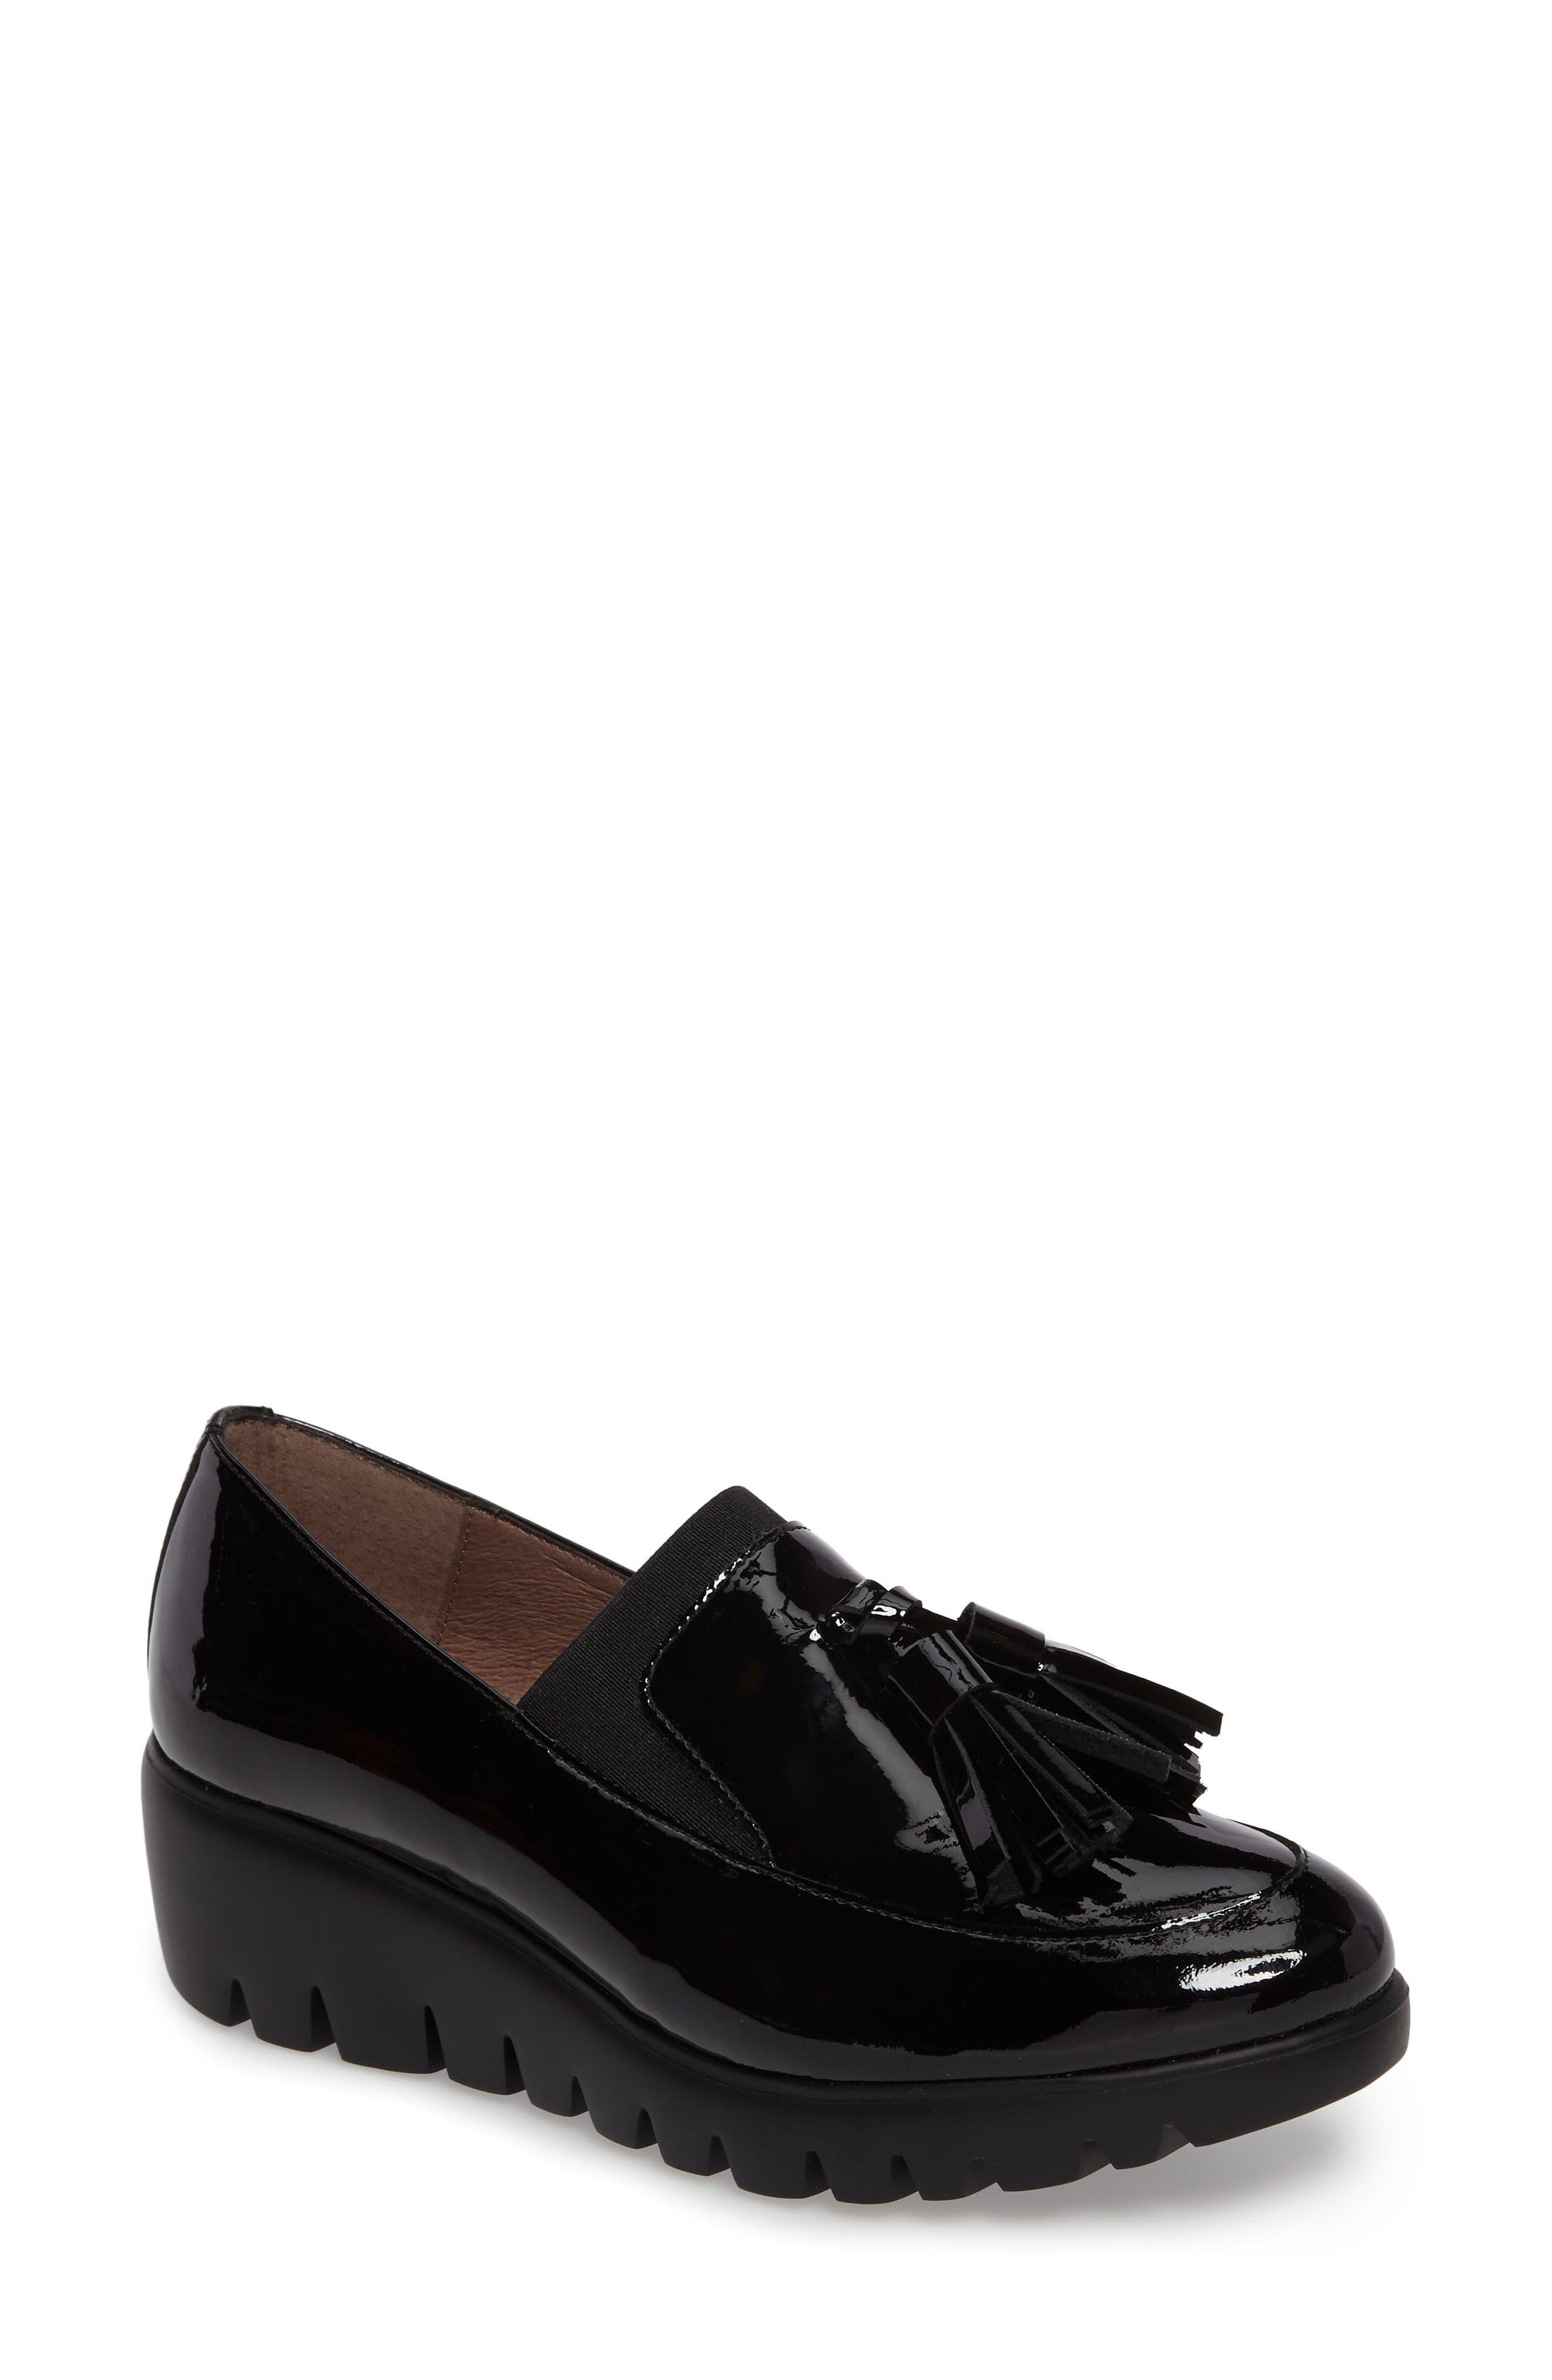 1fa174b043c Women s Wonders Shoes